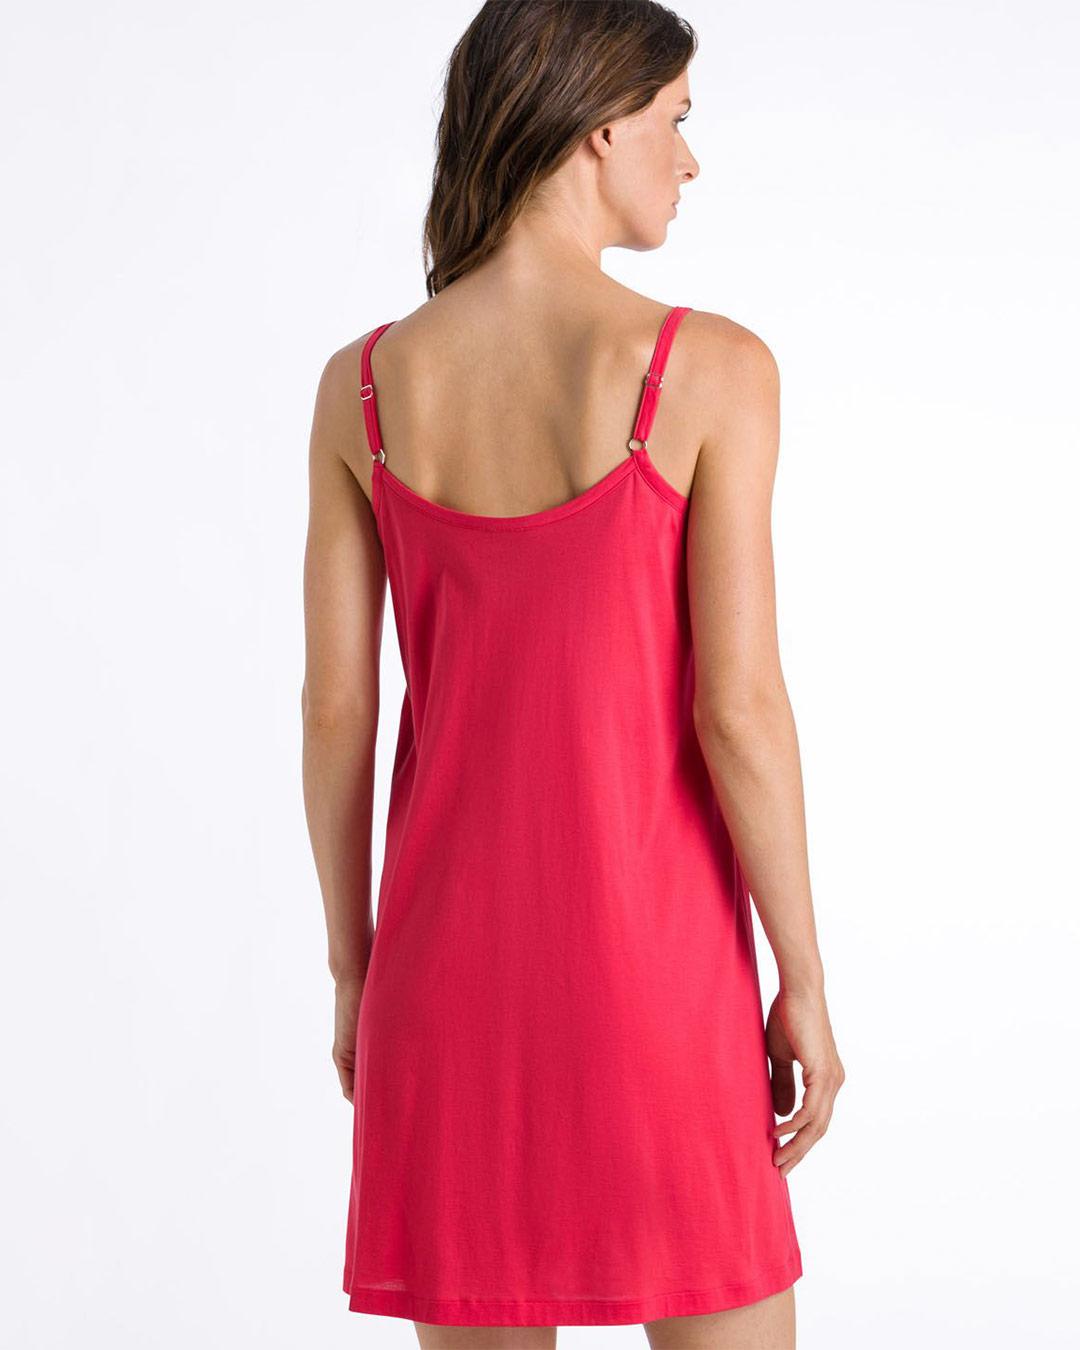 hanro-juliet-chemise-geran-7747-back-dianes-lingerie-vancouver-1080x1080